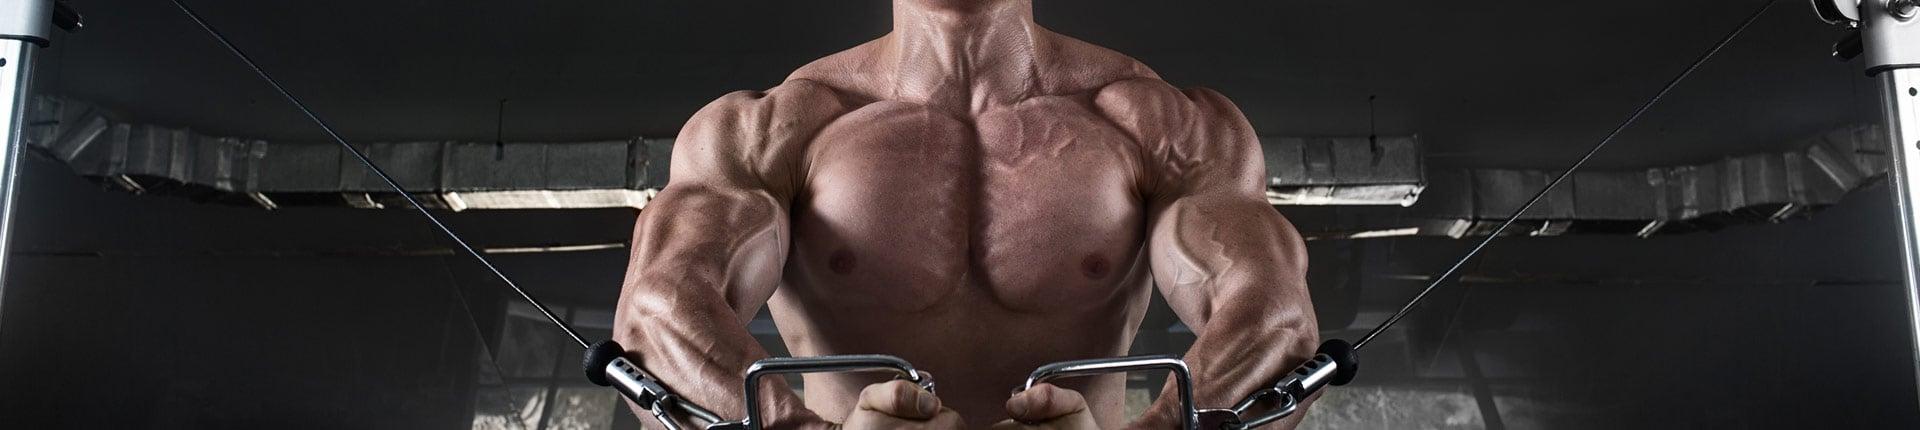 Cel: Zbudować mięśnie - zestaw suplementów na masę mięśniową